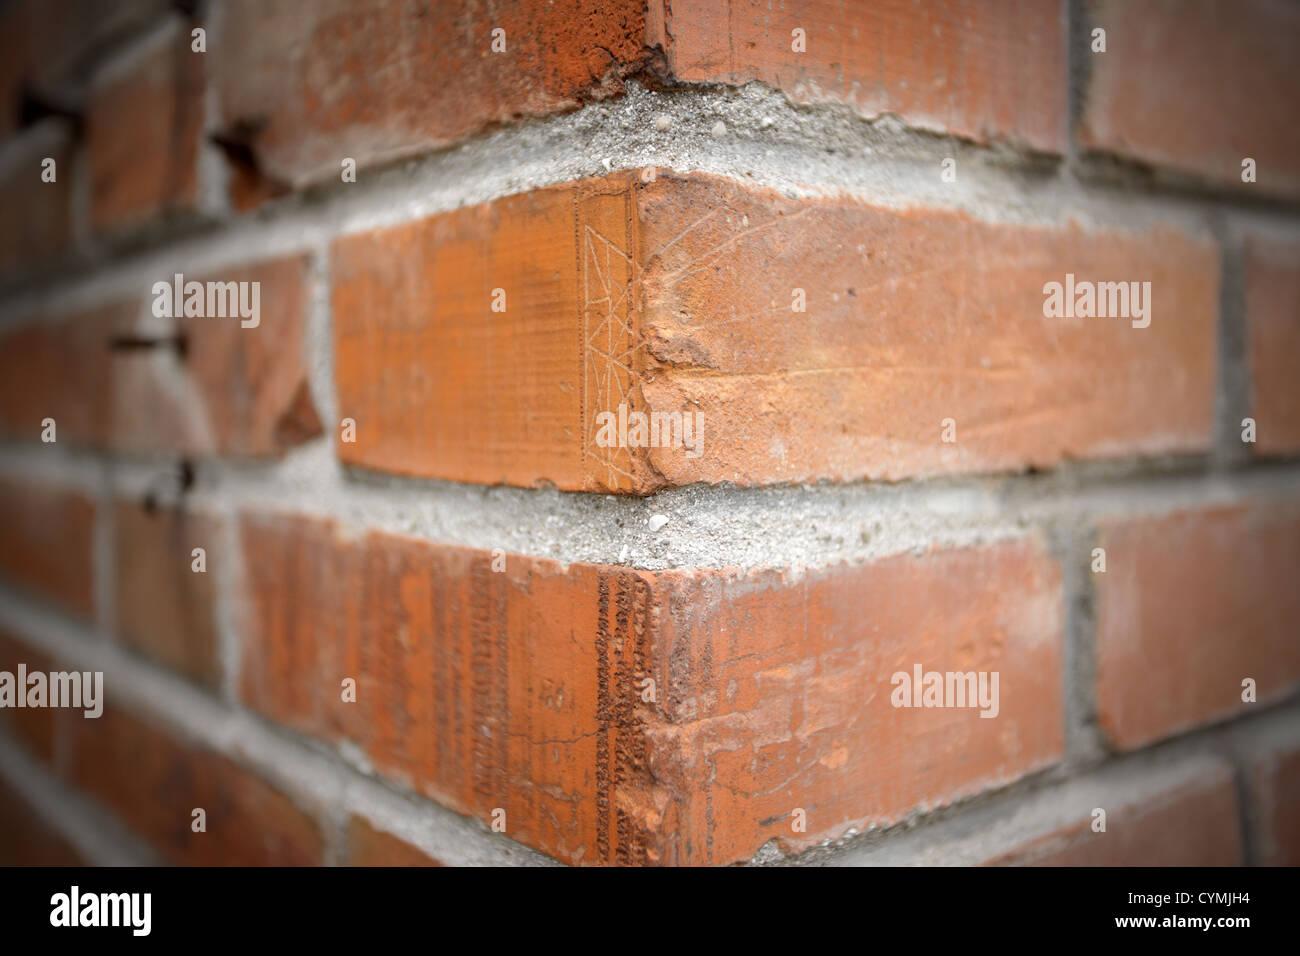 Die Ecke von einer roten Backsteinmauer. Breite Schuss. Stockbild